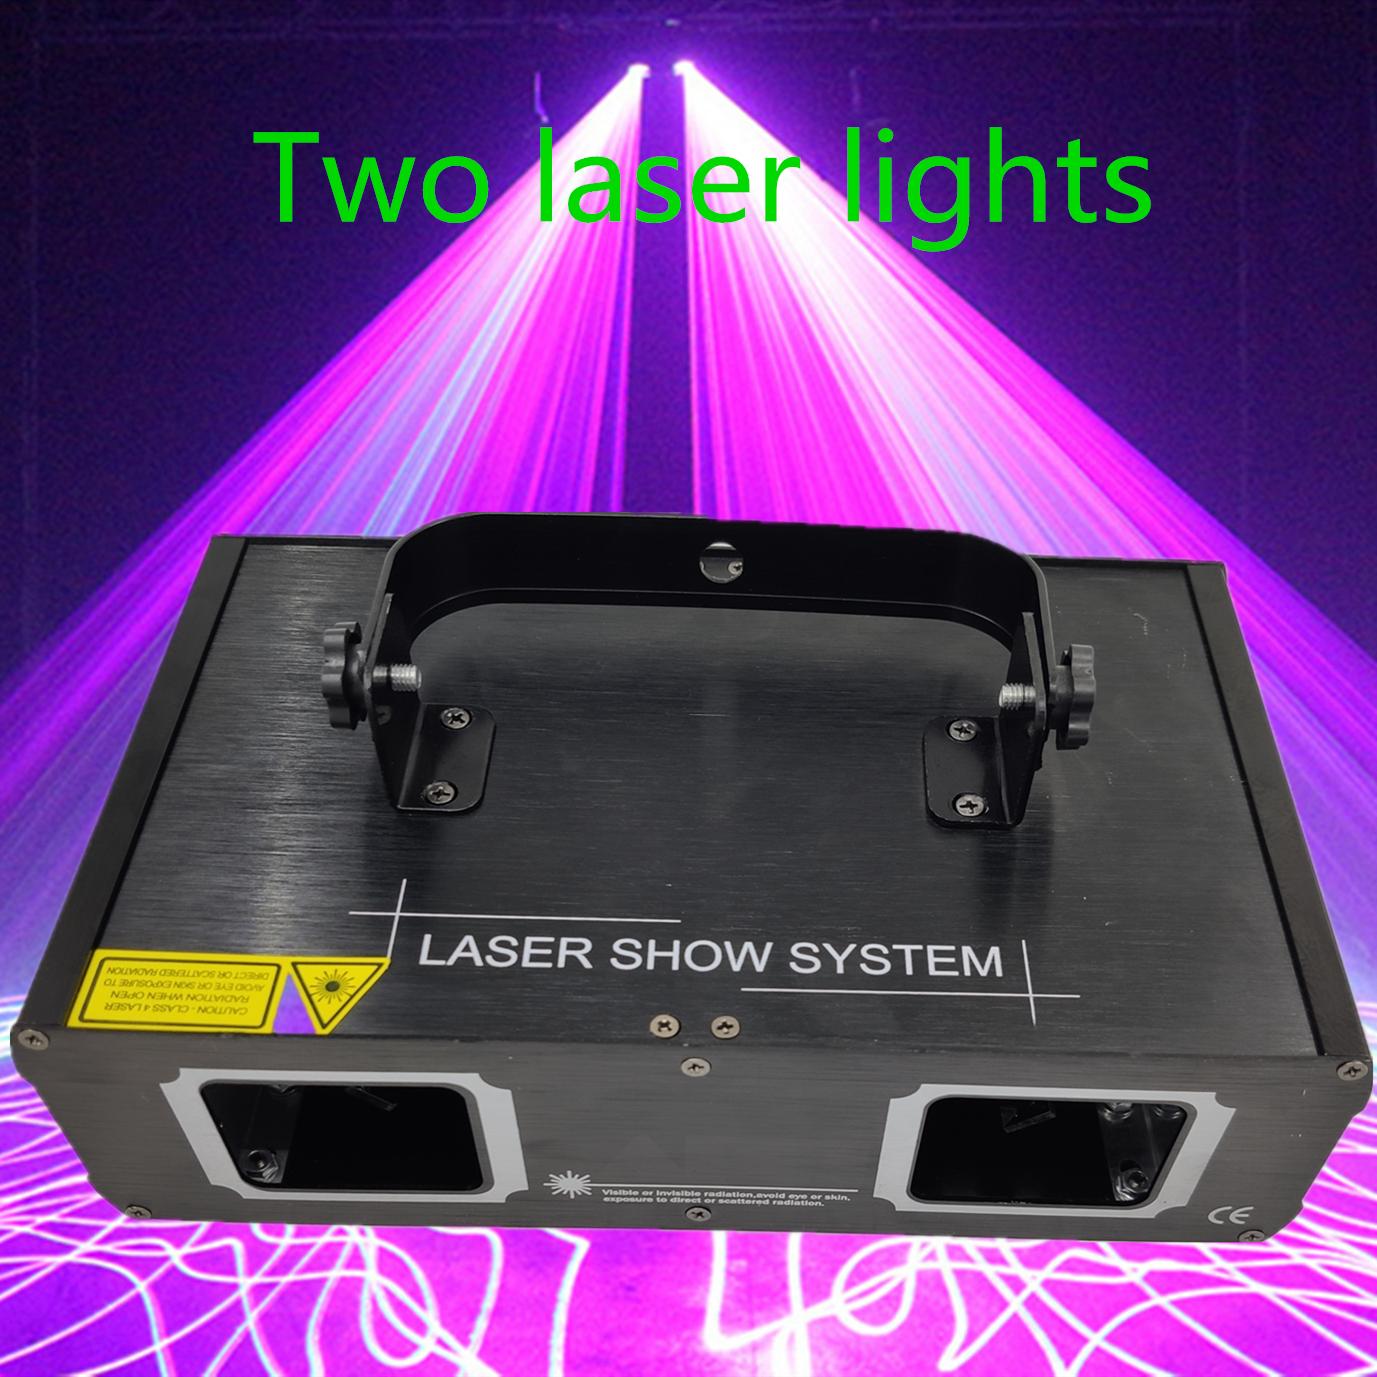 Фабричная розетка Лазерная лампа 2 головы лазер двойной отверстие сценический эффект DMX512 Освещение для DJ диско вечерние KTV ночной клуб и танцпол